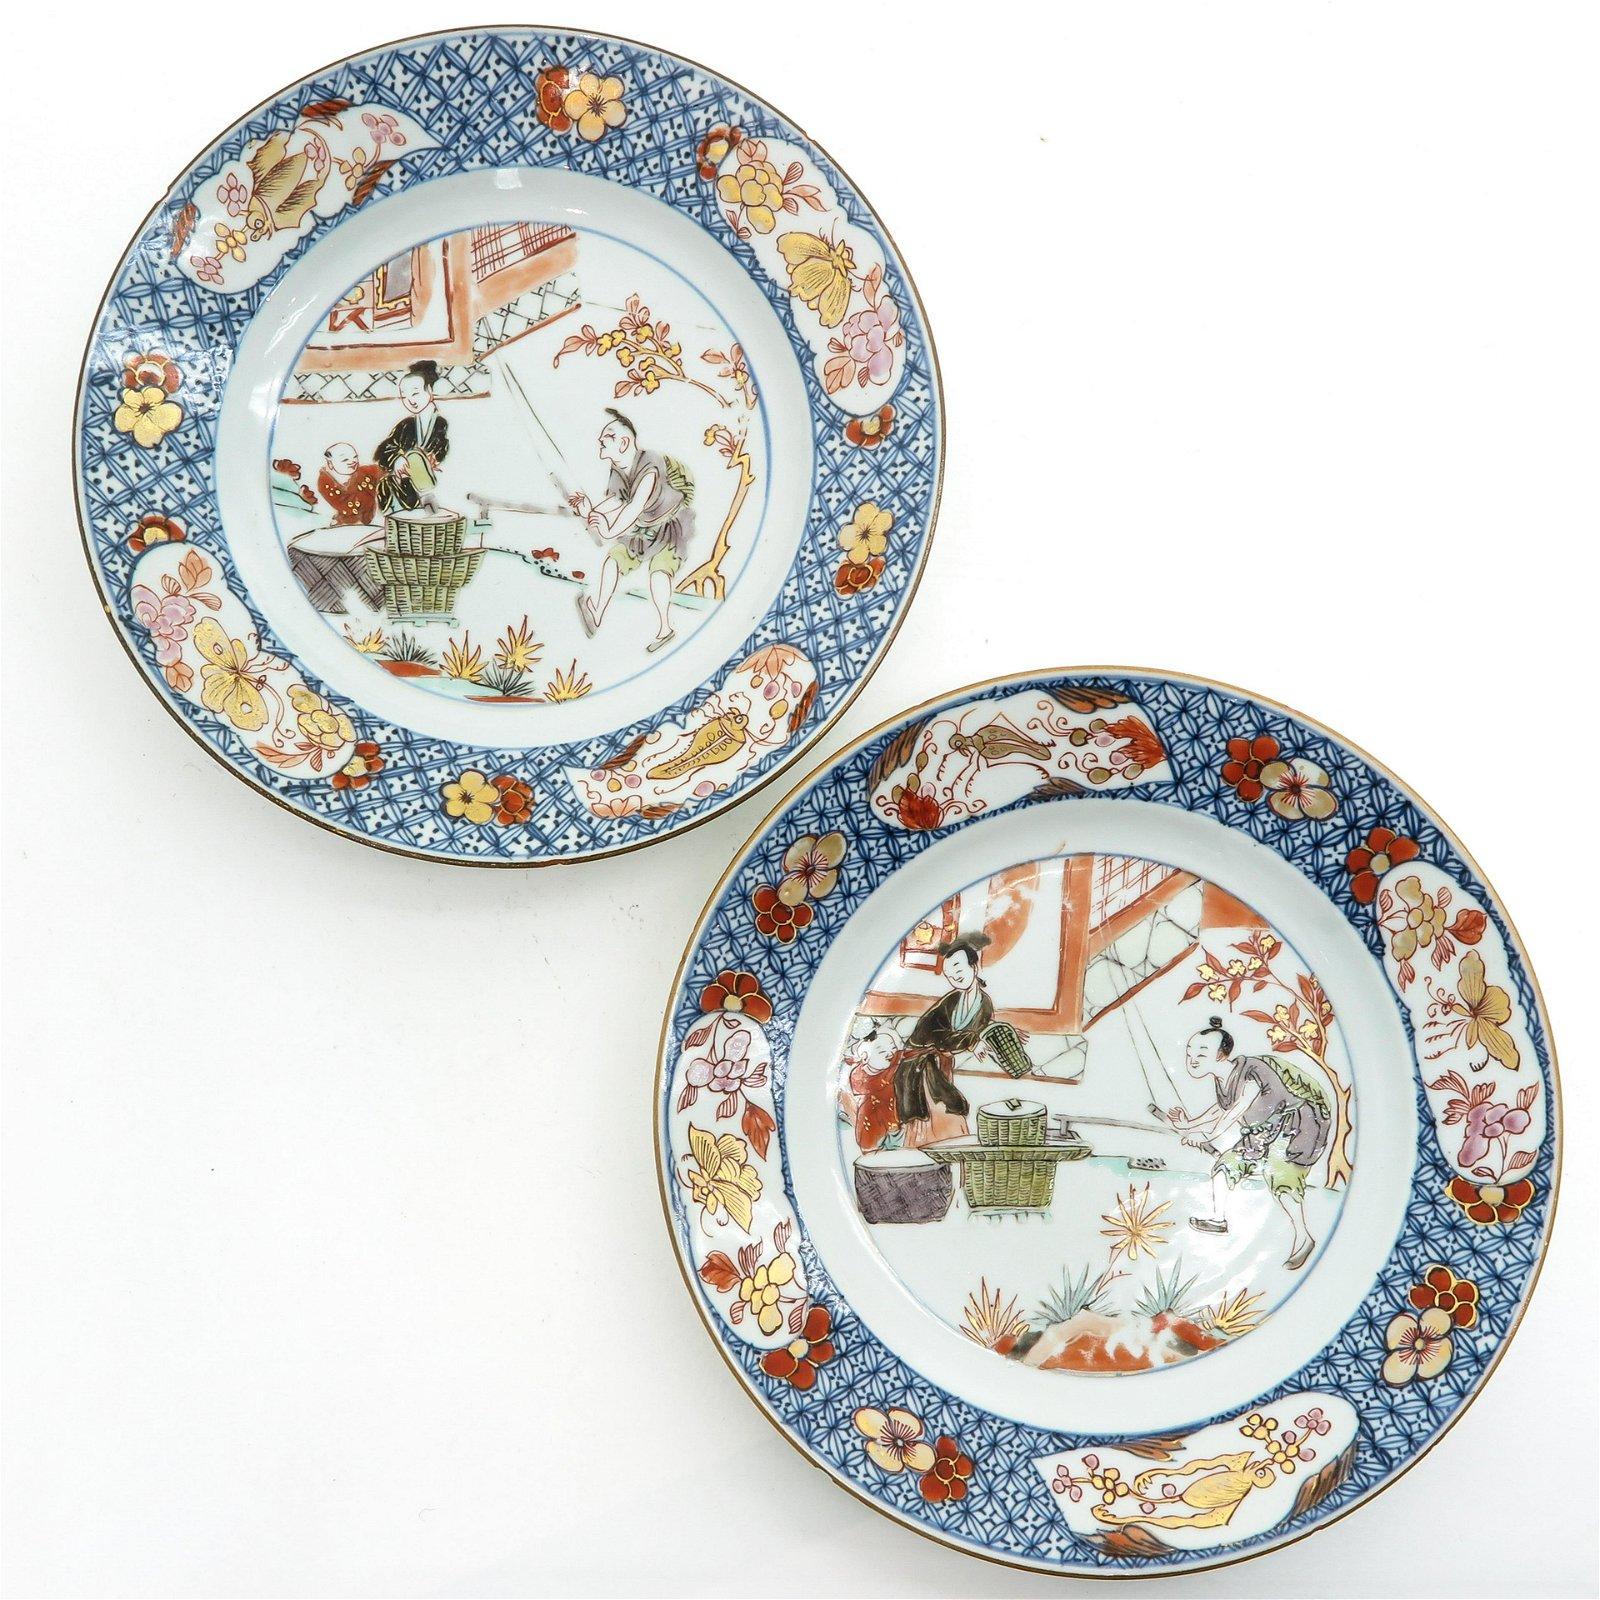 A Pair of Polychrome and Gilt Decor Plates